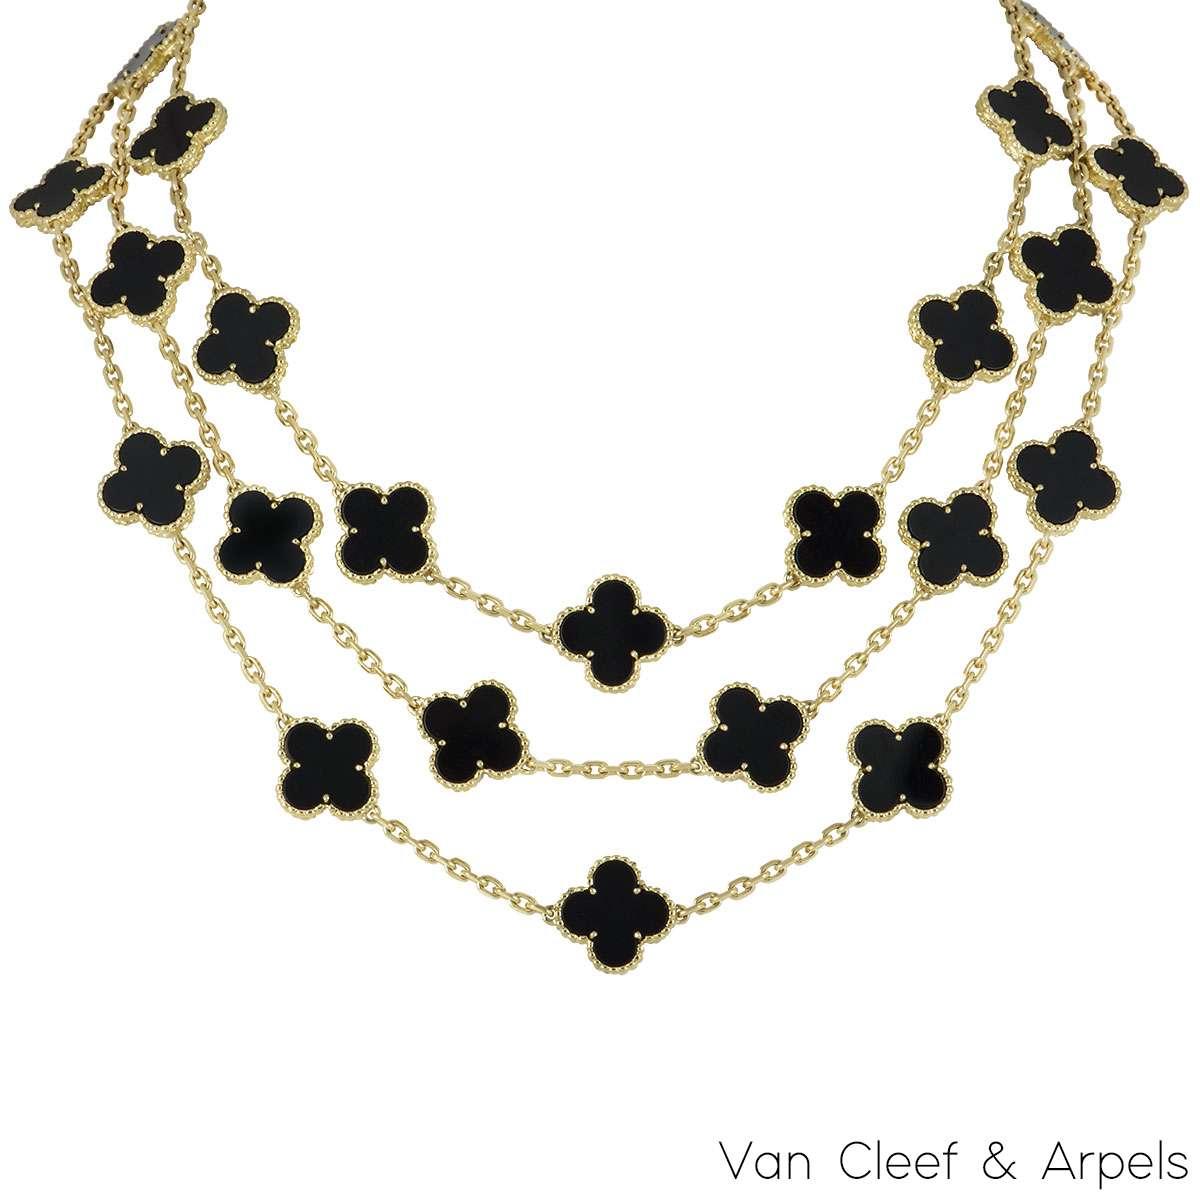 Van Cleef & Arpels Onyx Vintage Alhambra Necklace